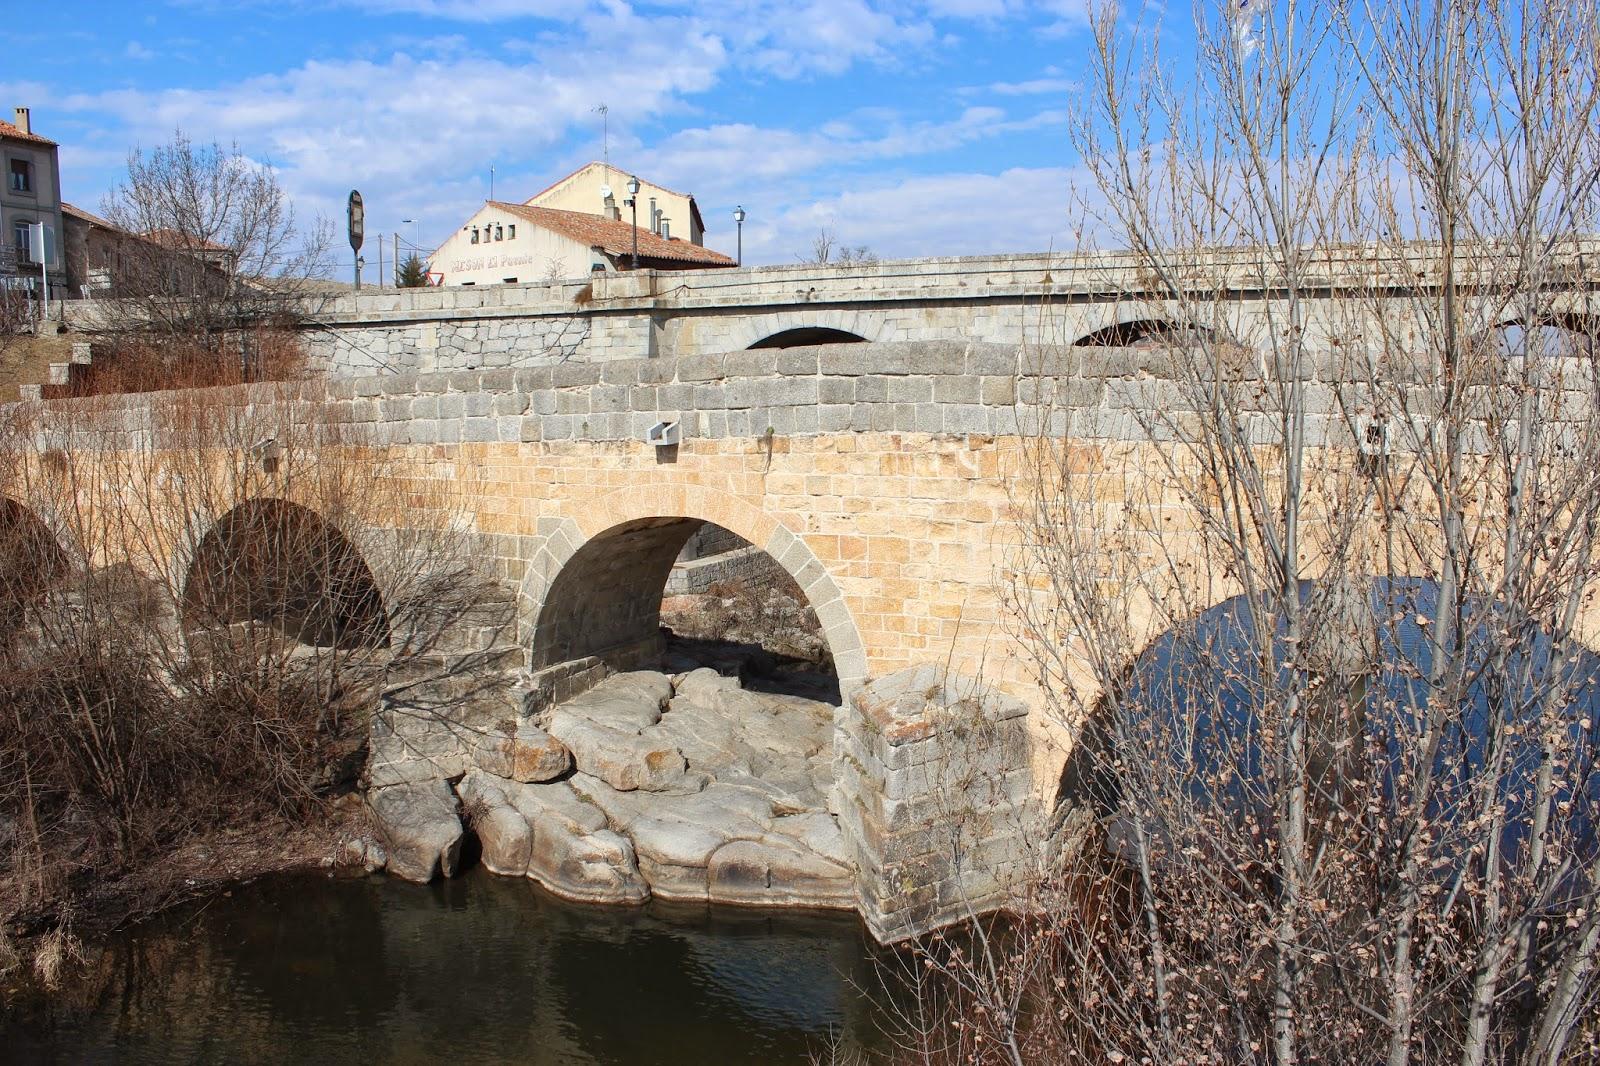 Puente del río Adaja en Ávila